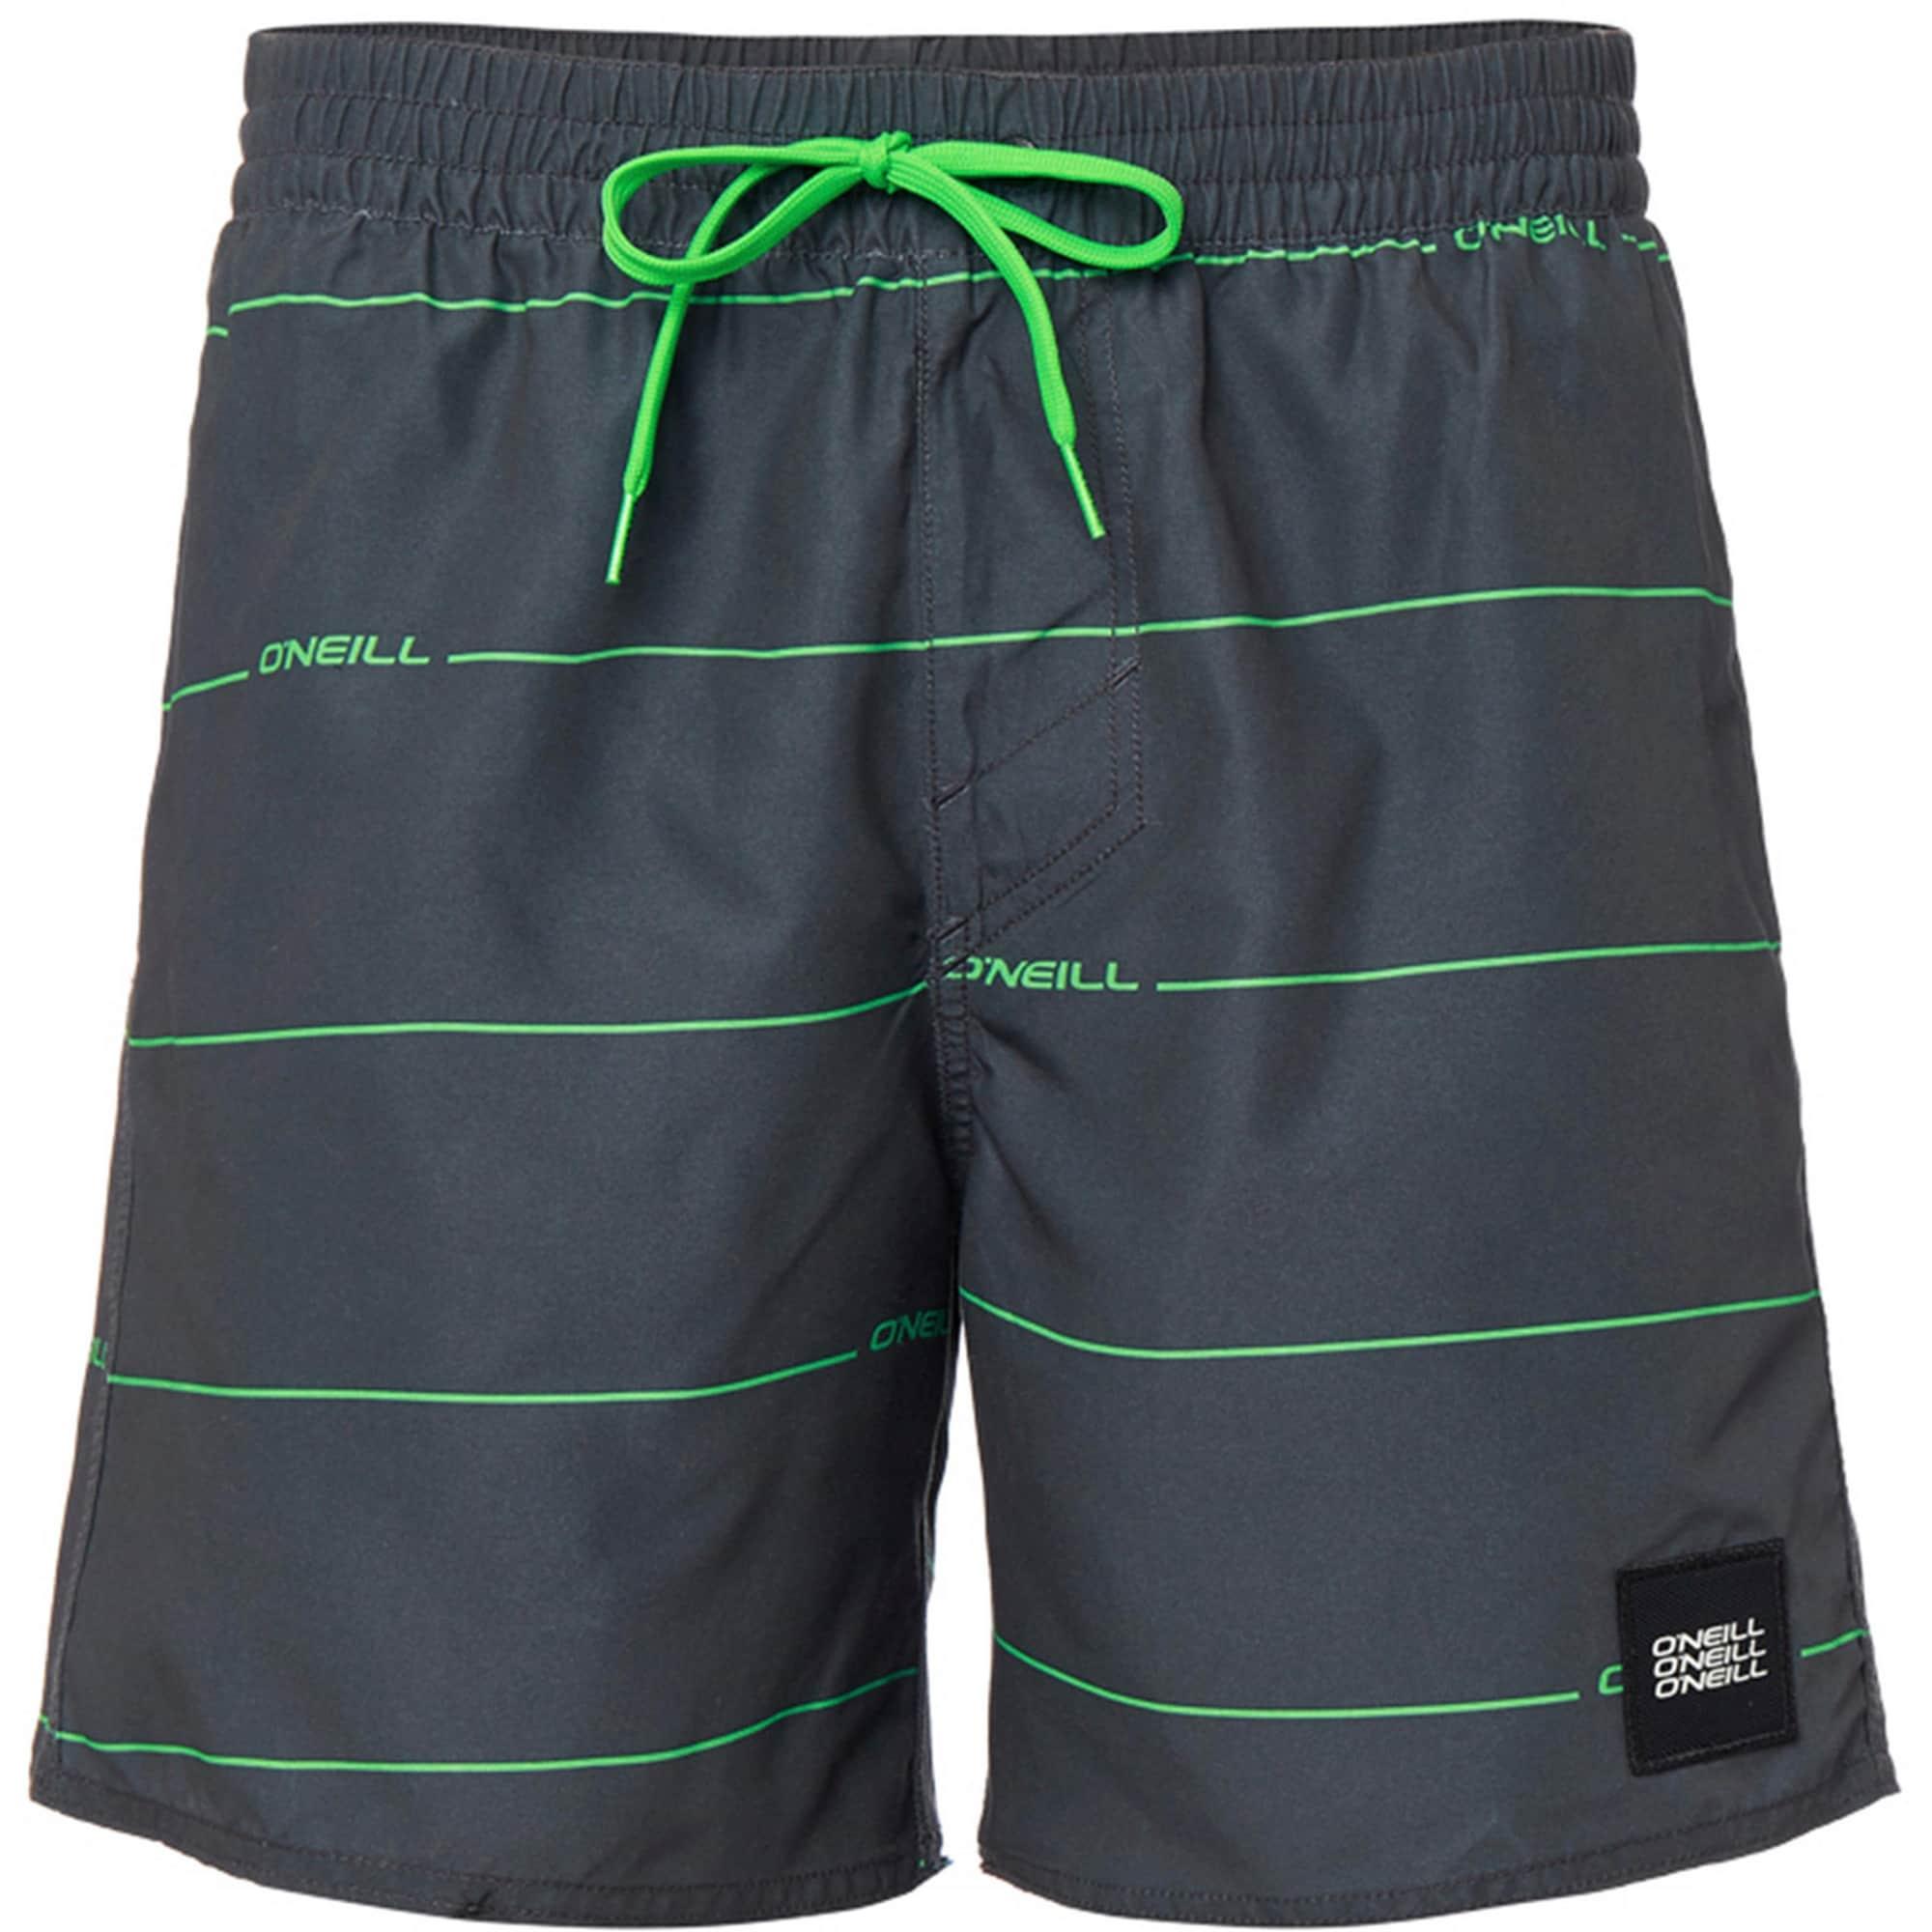 ONEILL Plavecké šortky Contourz grafitová zelená O'NEILL